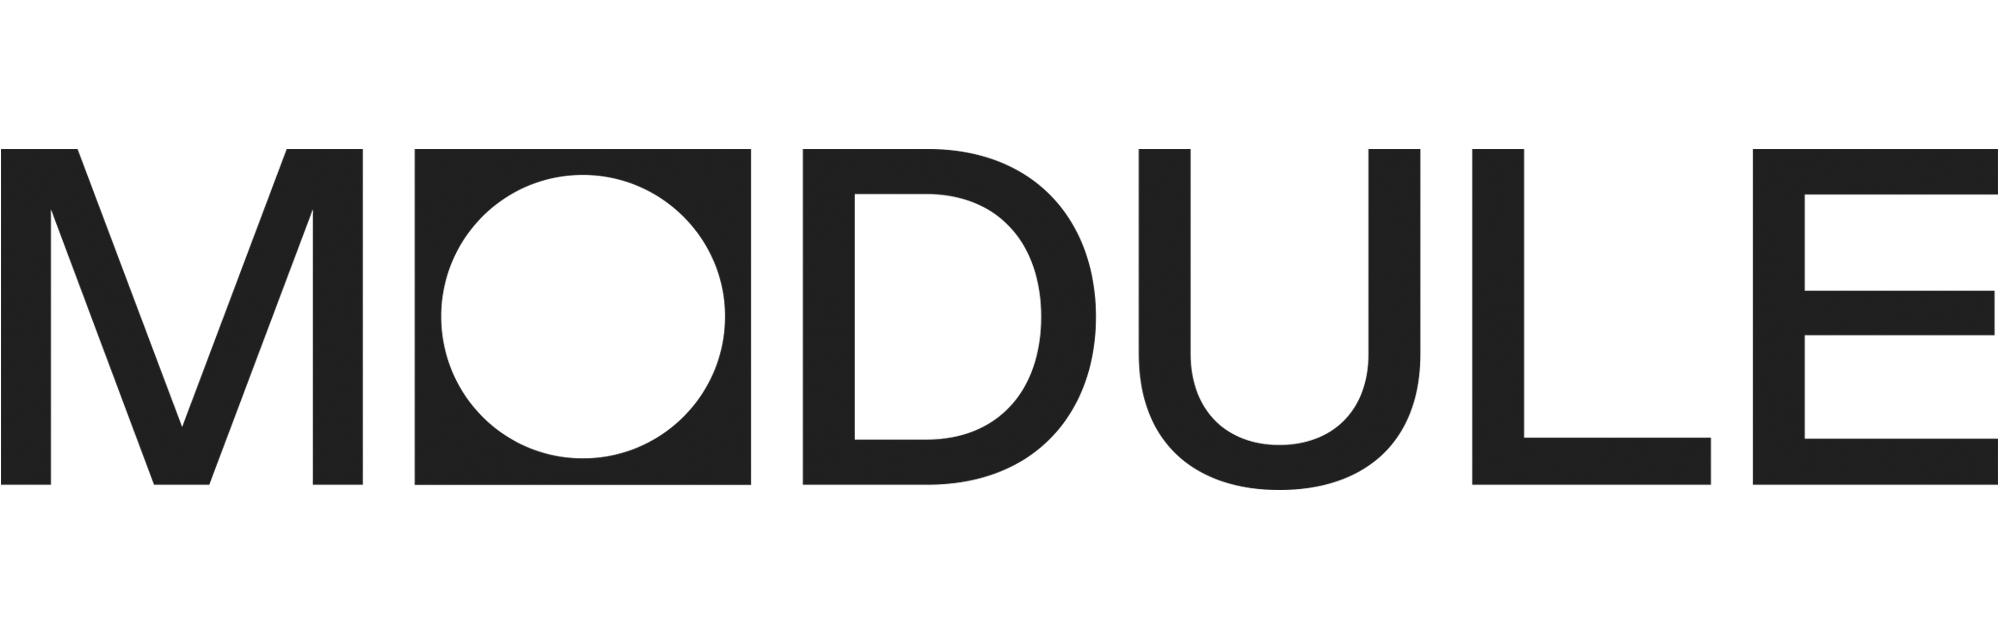 Module_logo_.jpg